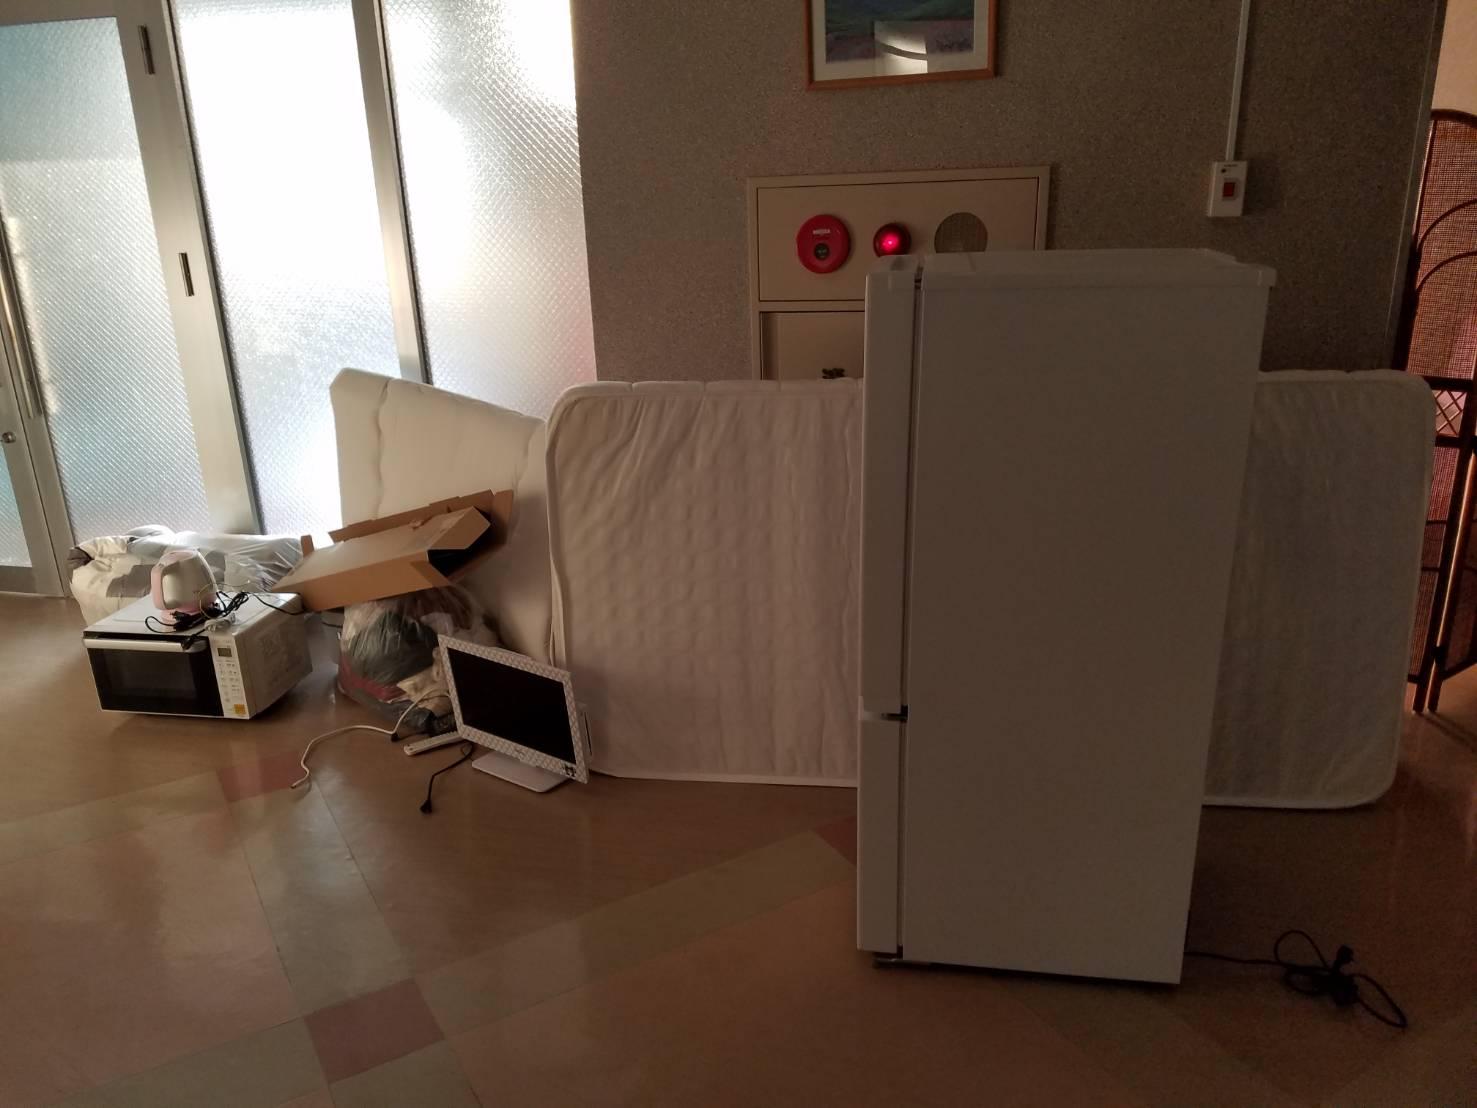 冷蔵庫、マットレス、電気ポット、レンジ、テレビの回収前